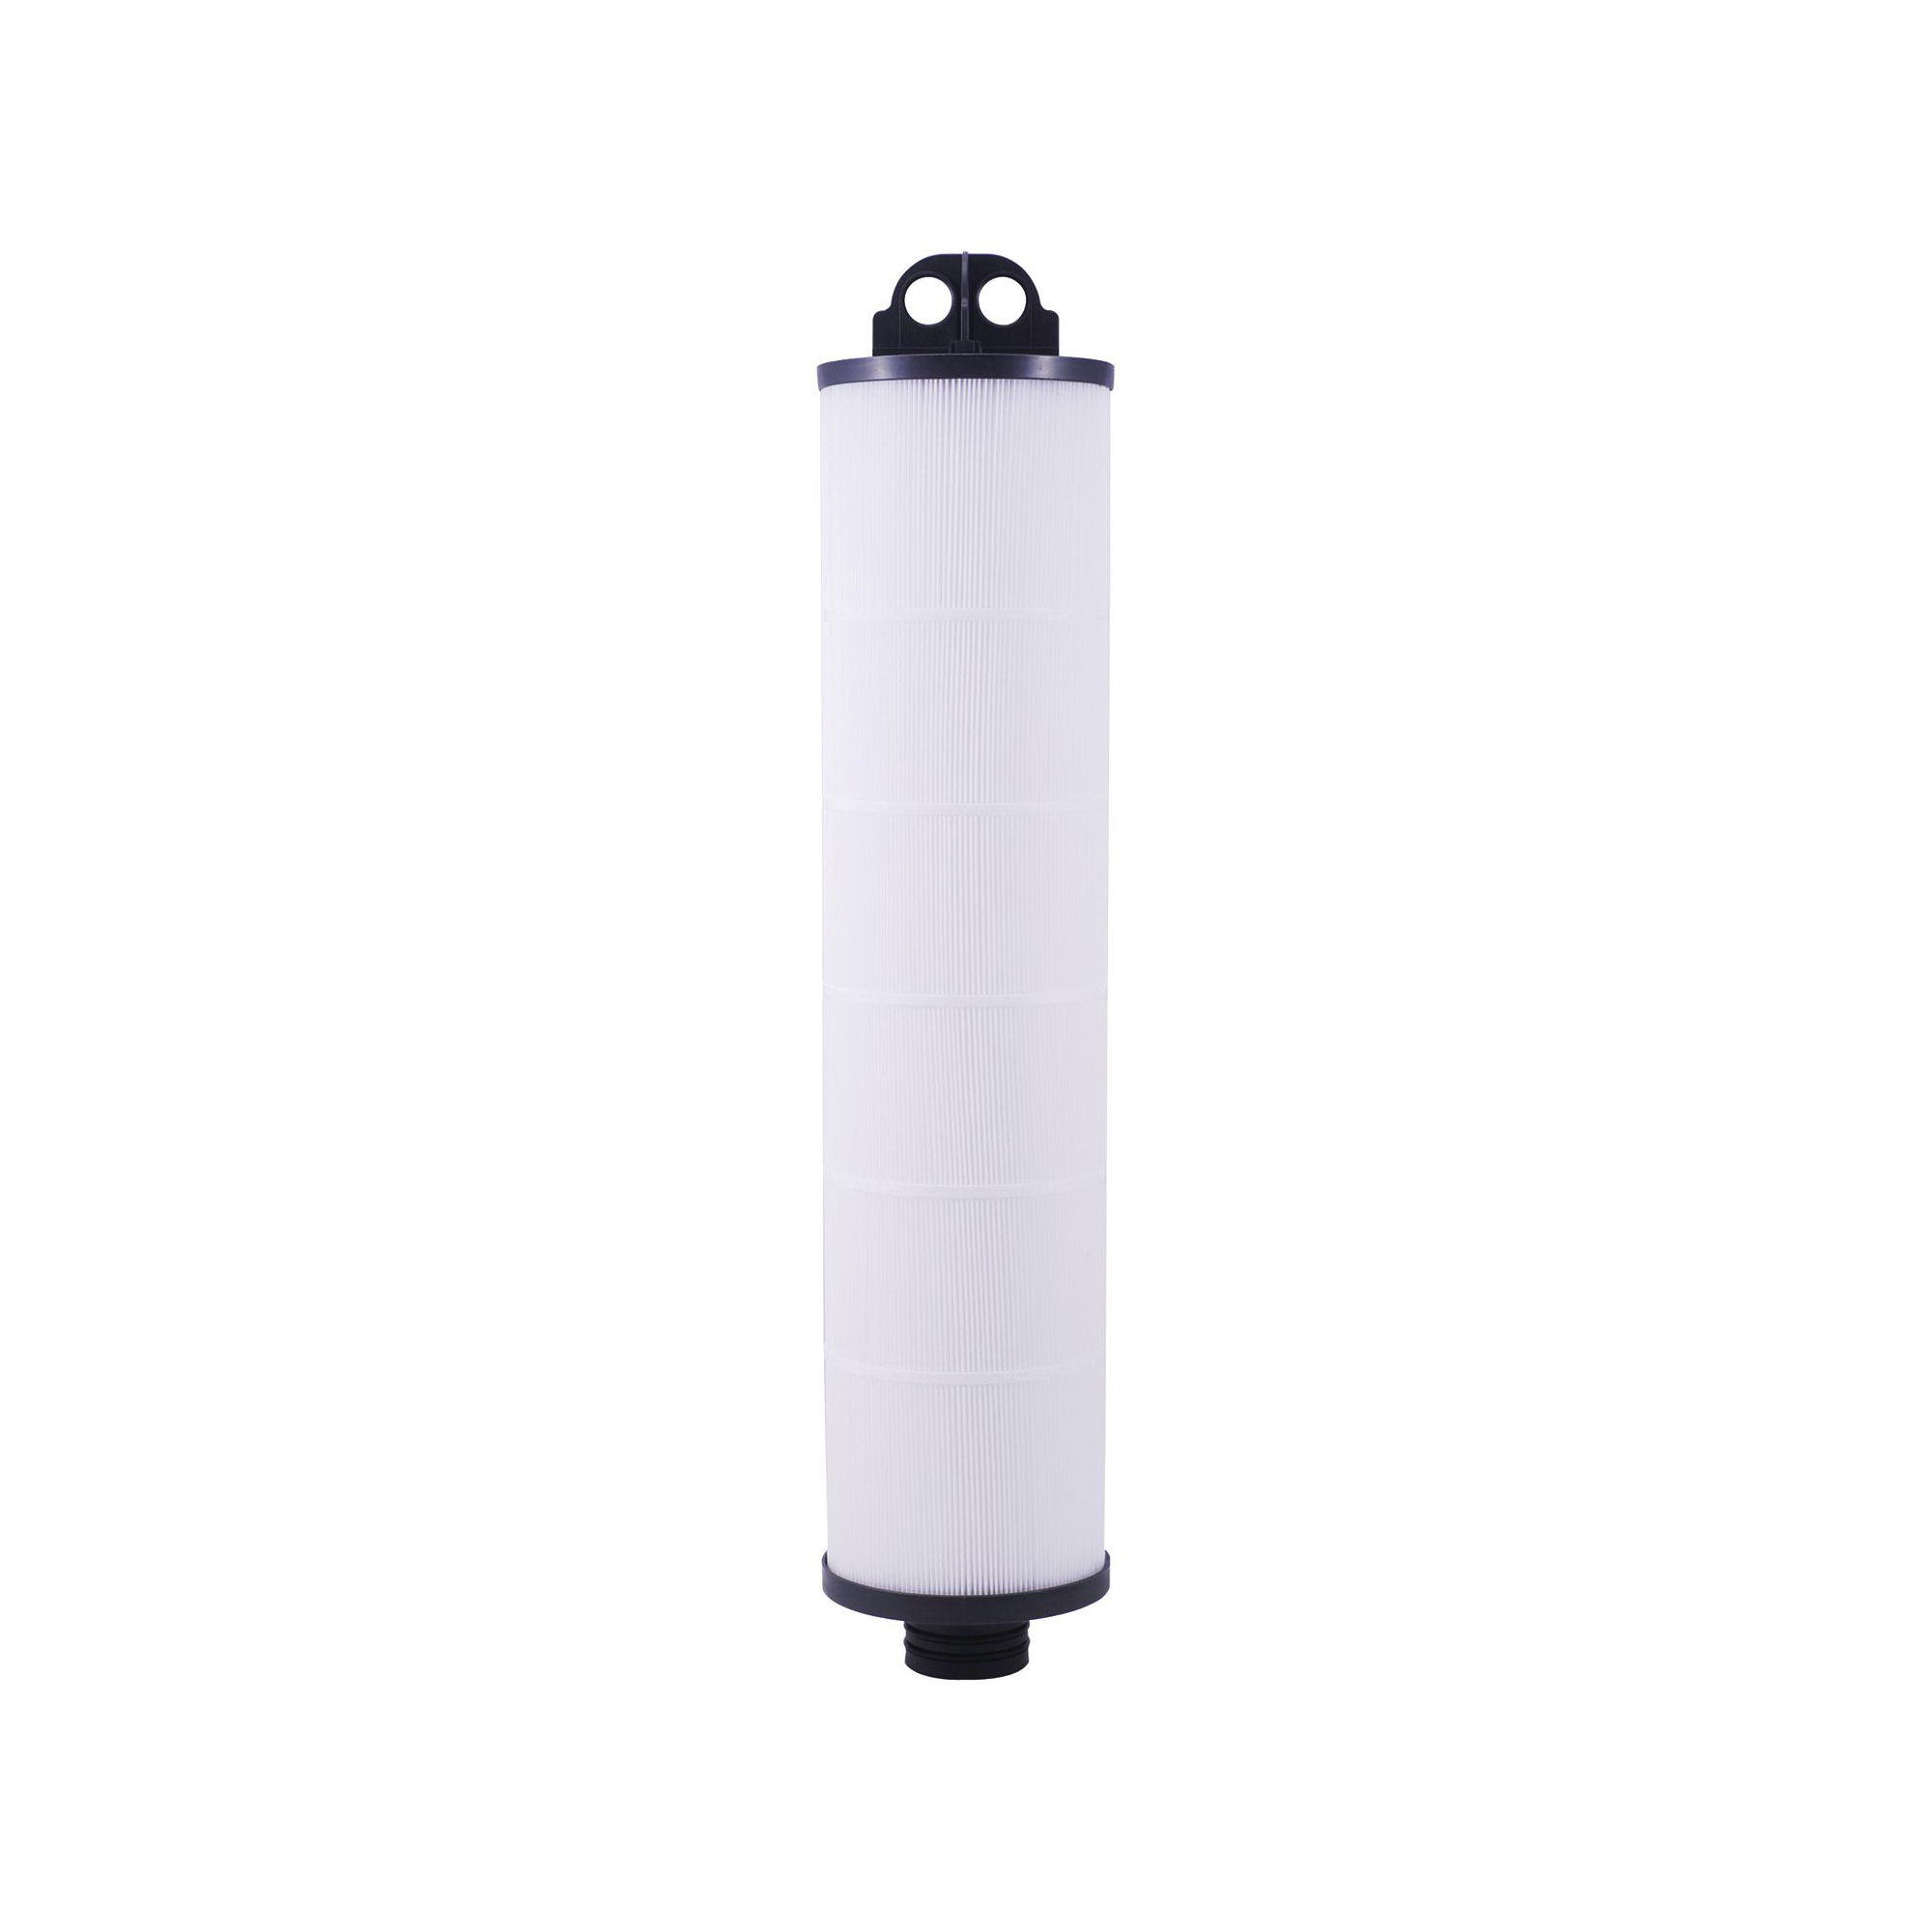 WATTS® 7100306 PWWJC Big Bubba Jumbo Pleated Filter Cartridge, 15.4 in W x 42.7 in H, Polypropylene